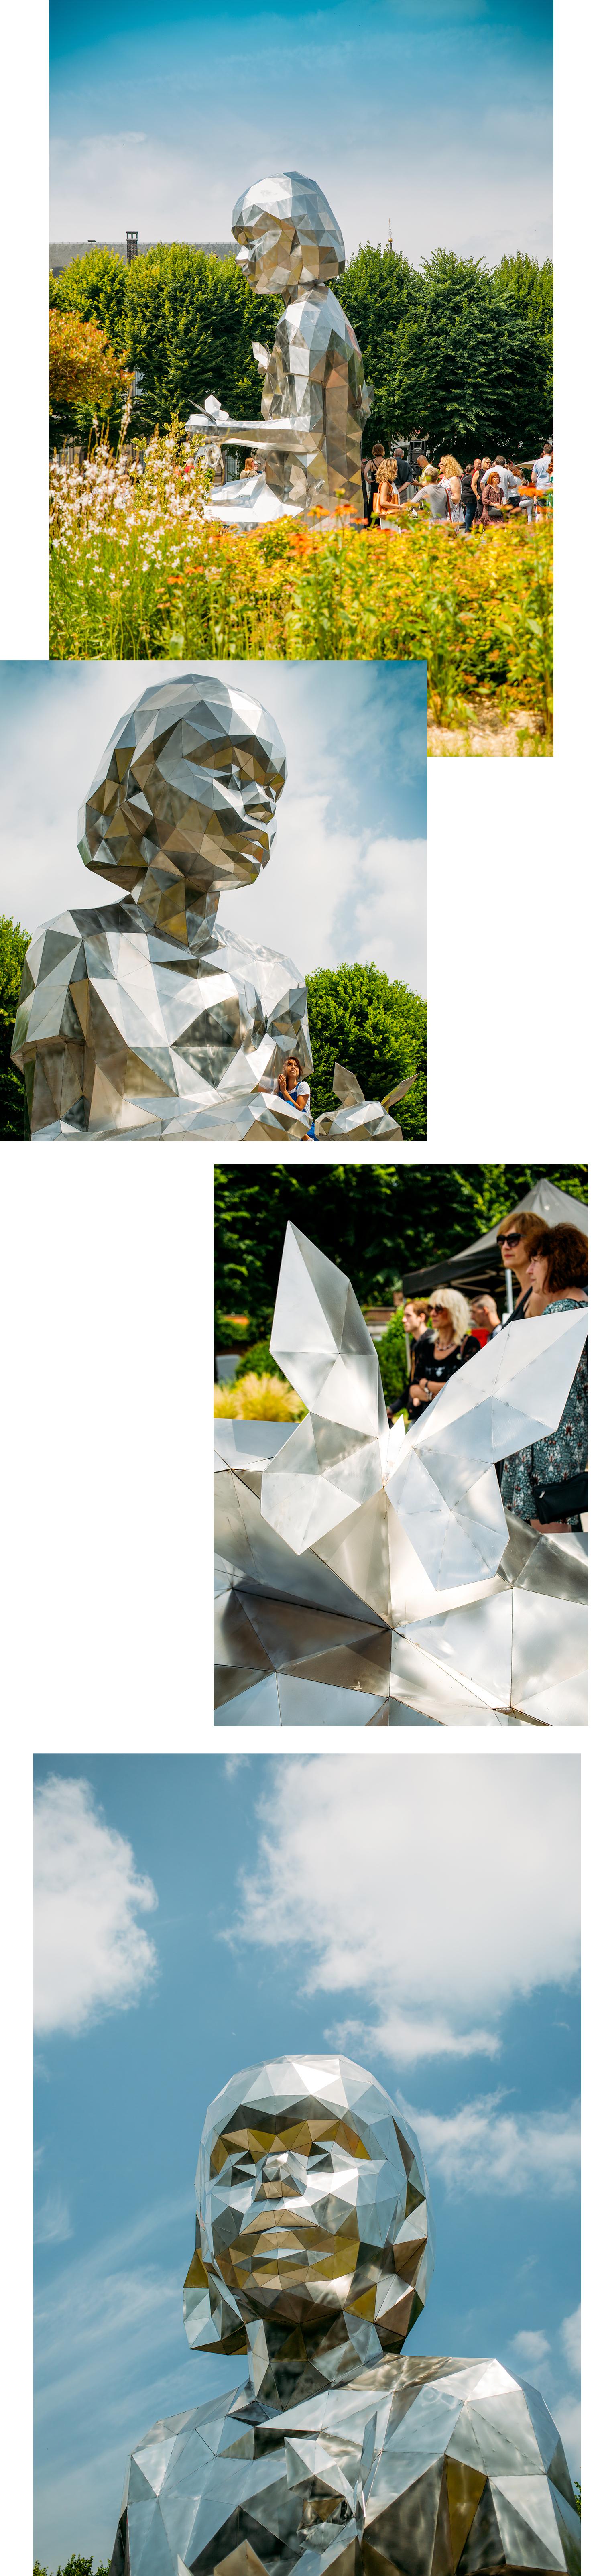 Lucie et les Papillons – Fondation Mons 2025